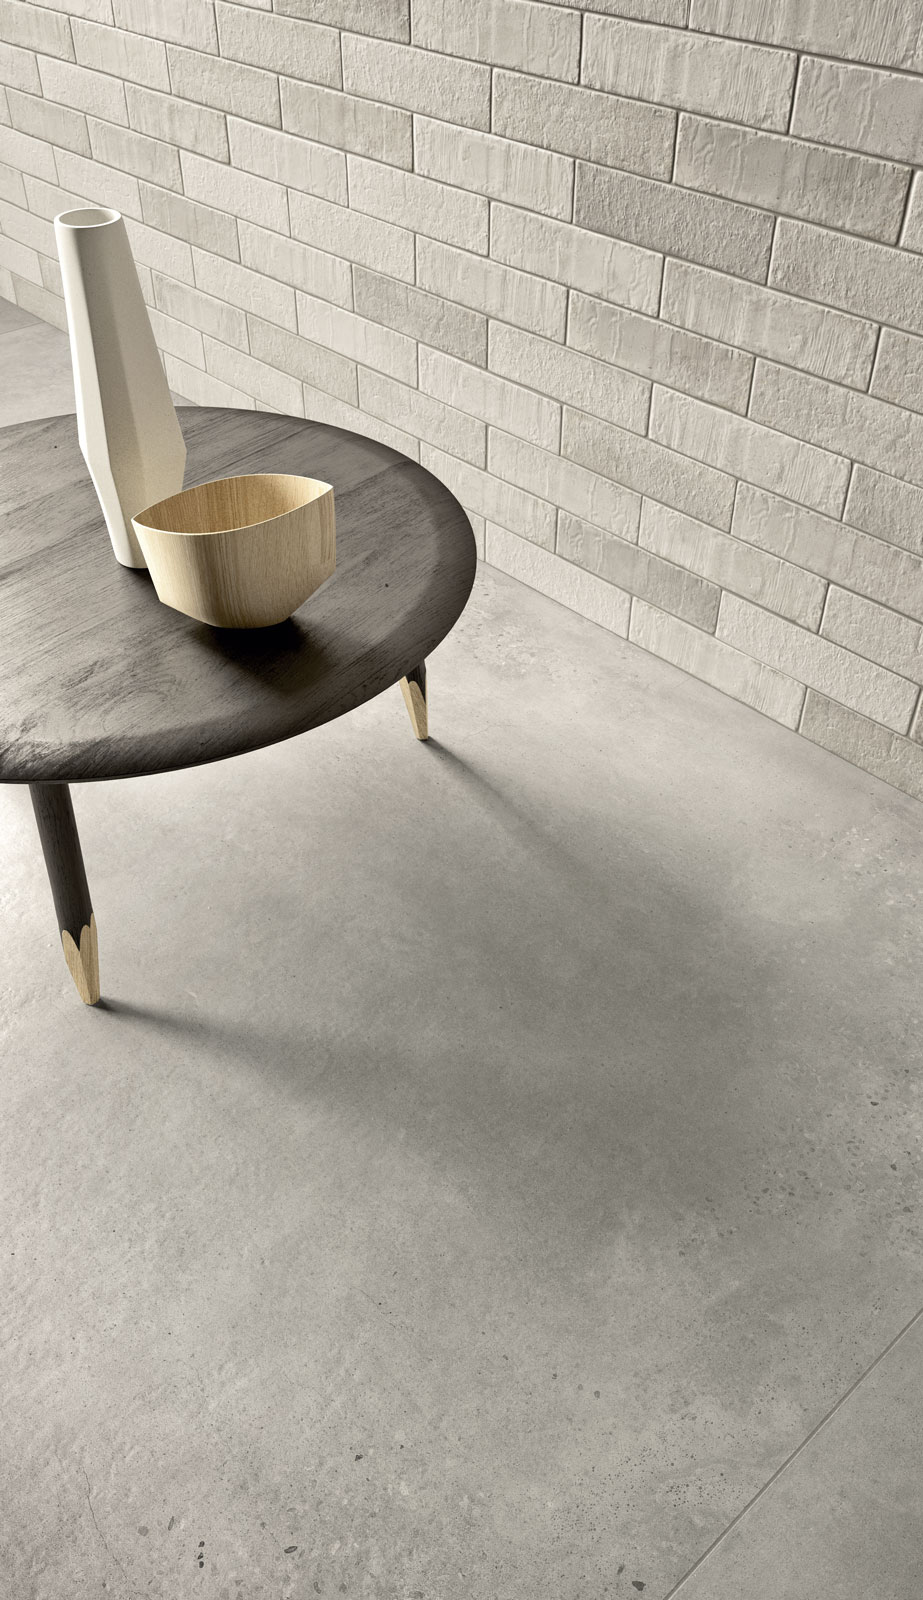 gres porcellanato effetto cotto e cemento marazzi. Black Bedroom Furniture Sets. Home Design Ideas